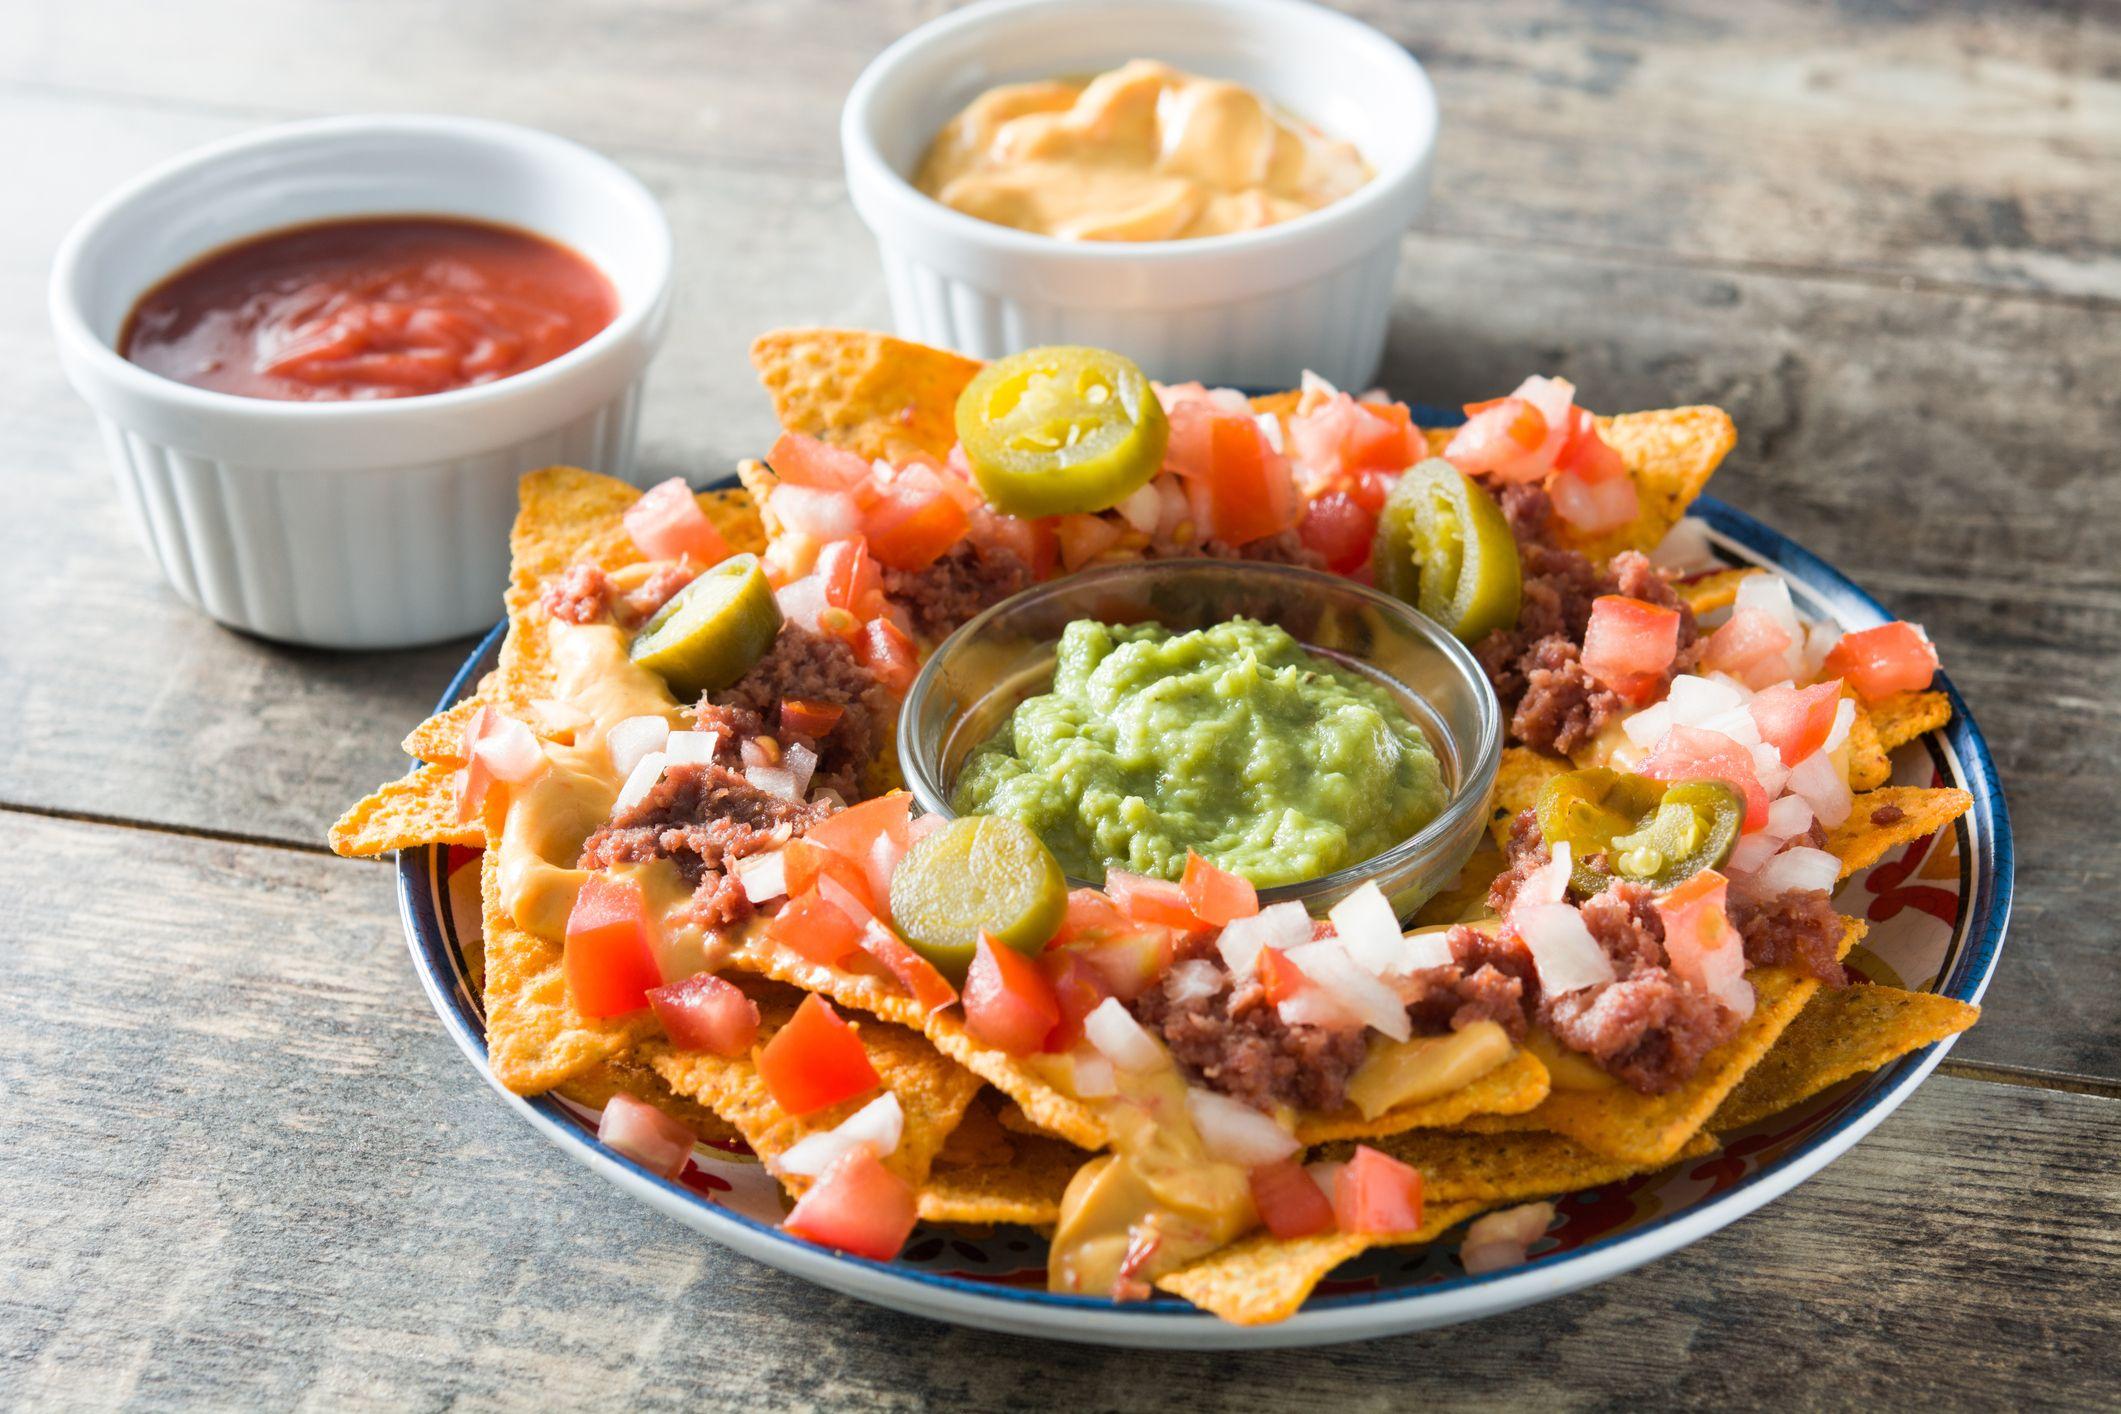 Totopos o nachos mexicanos acompañados de guacamole, frijoles o salsas para untar.